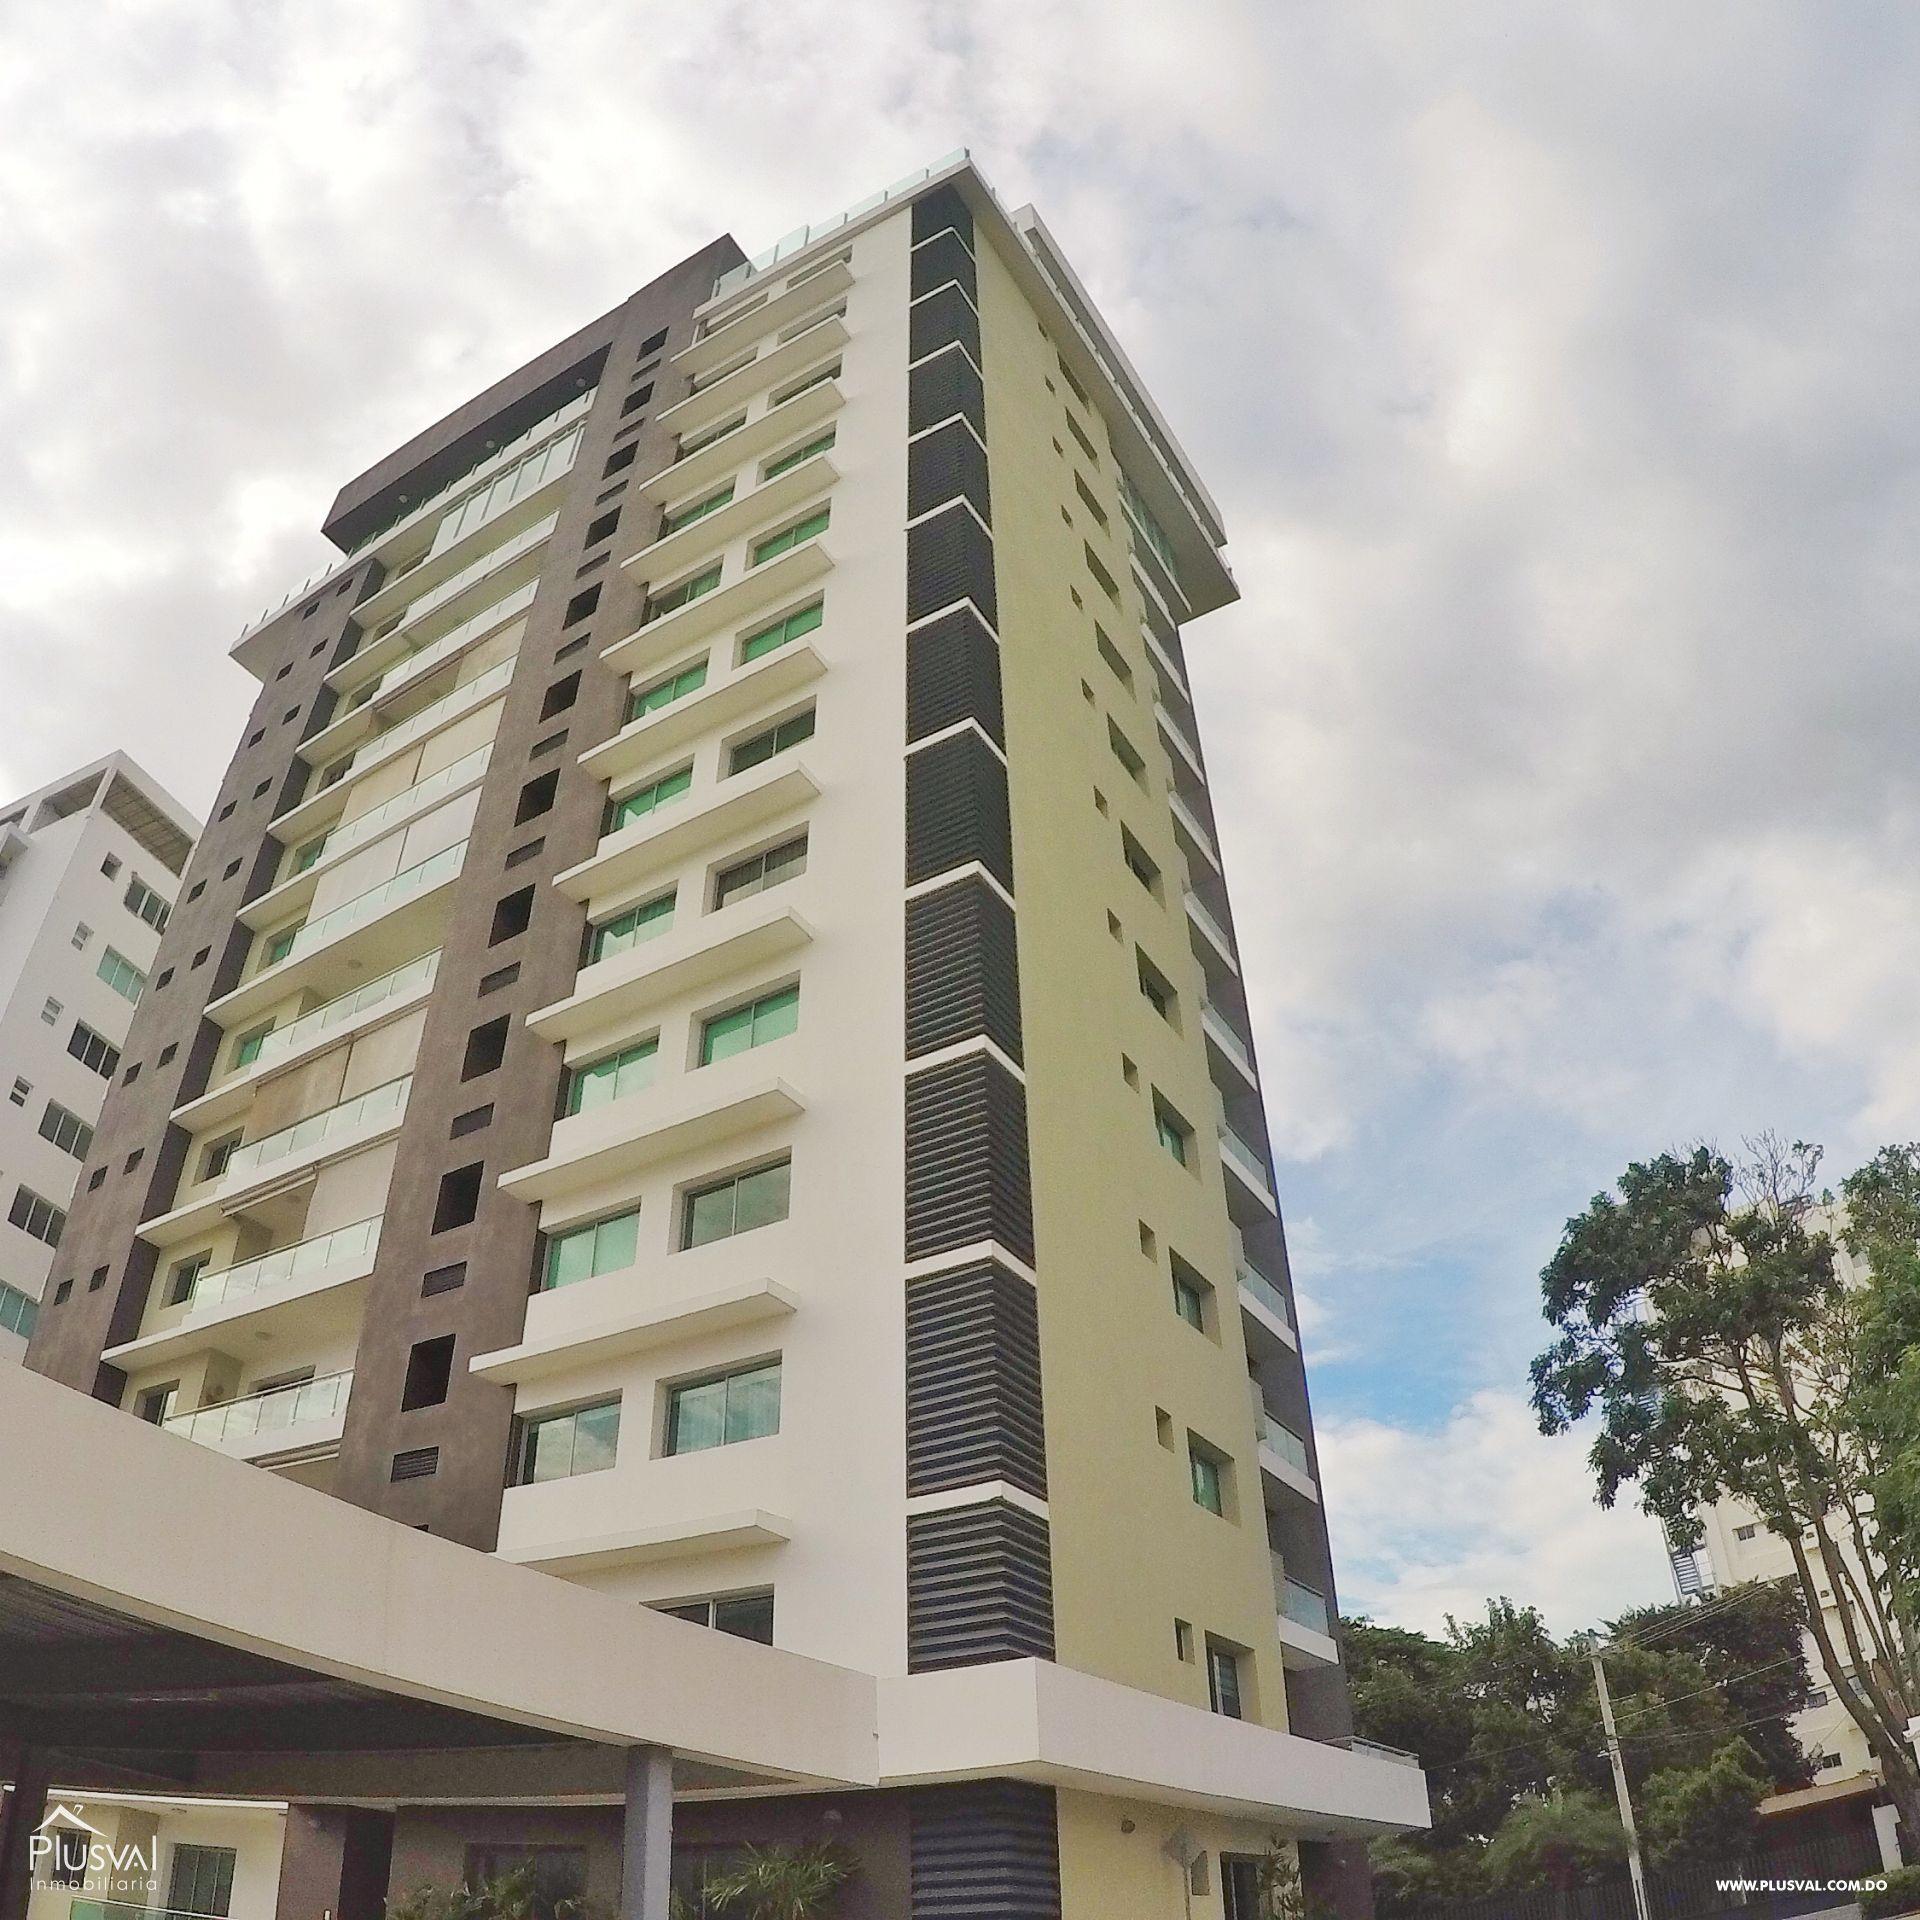 Apartamento en venta con hermosa vista en La Esmeralda